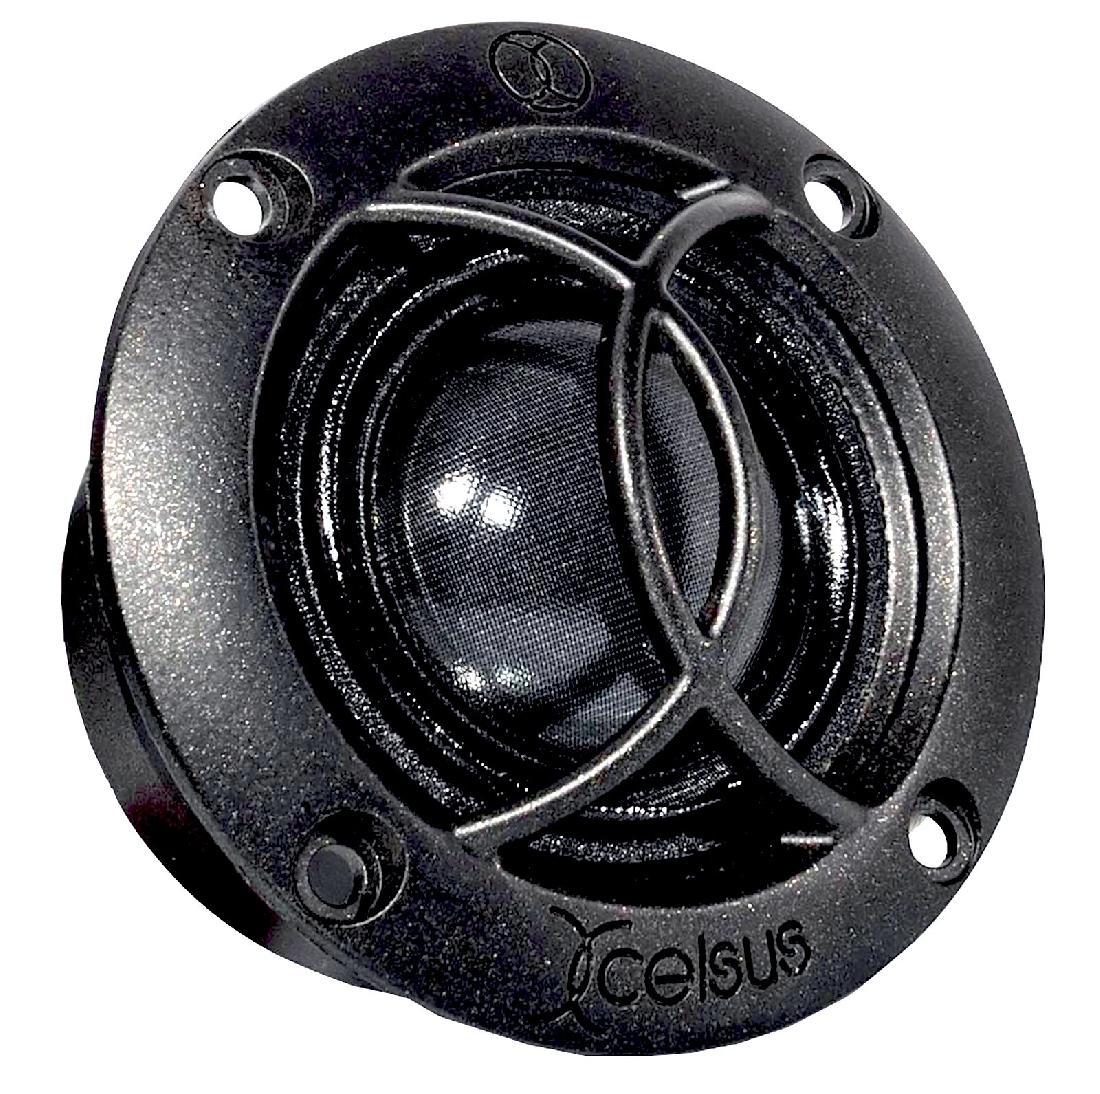 Xcelsus audio XXT30